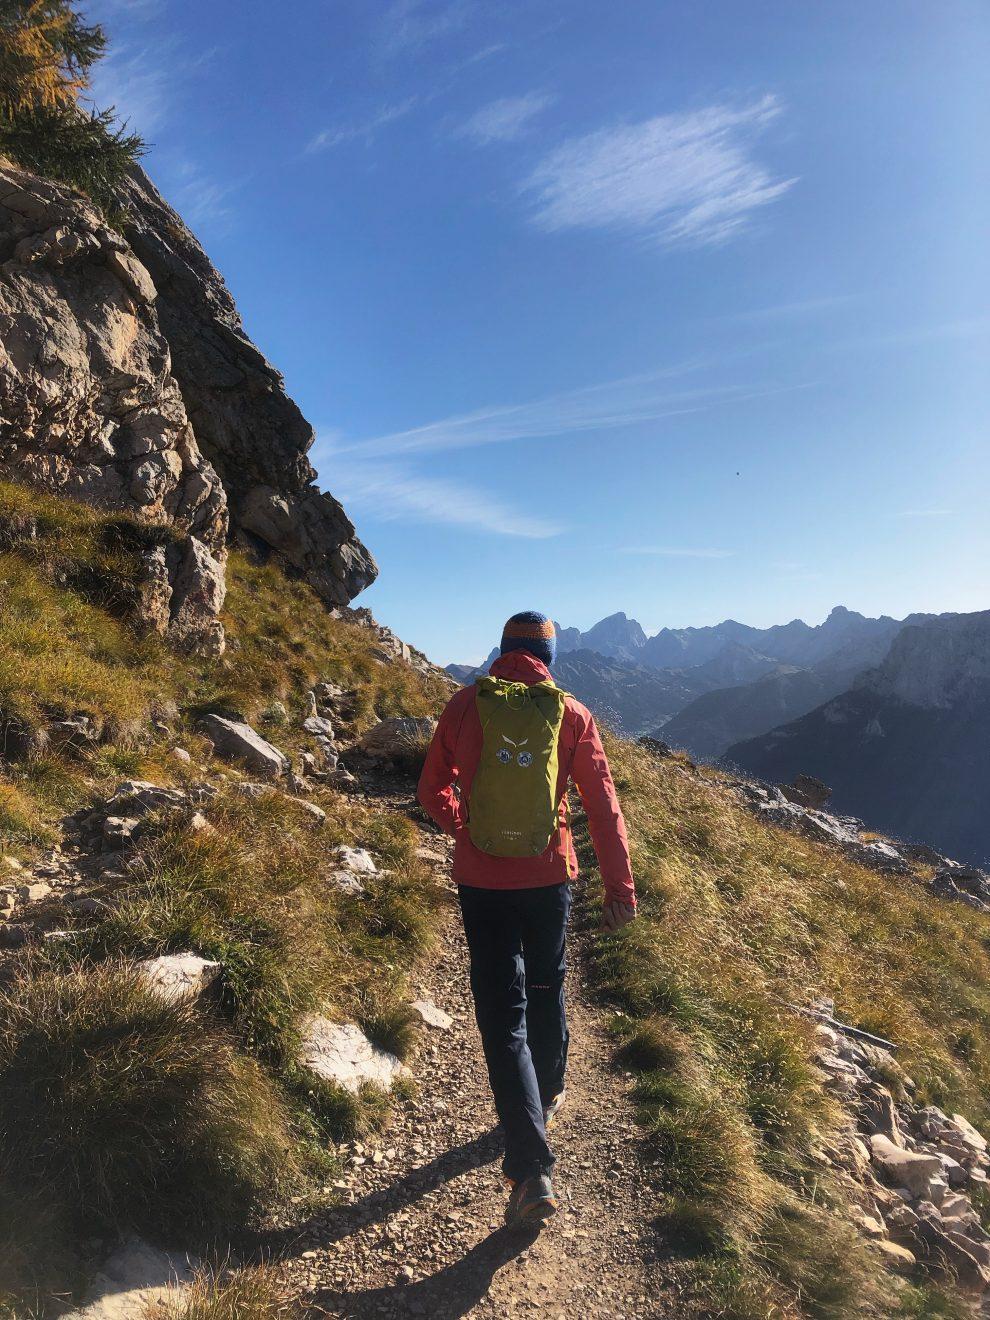 Vakantie naar Zuid Tirol, Dolomieten in de zomer - Rosengartengruppe -  Christomannos monument